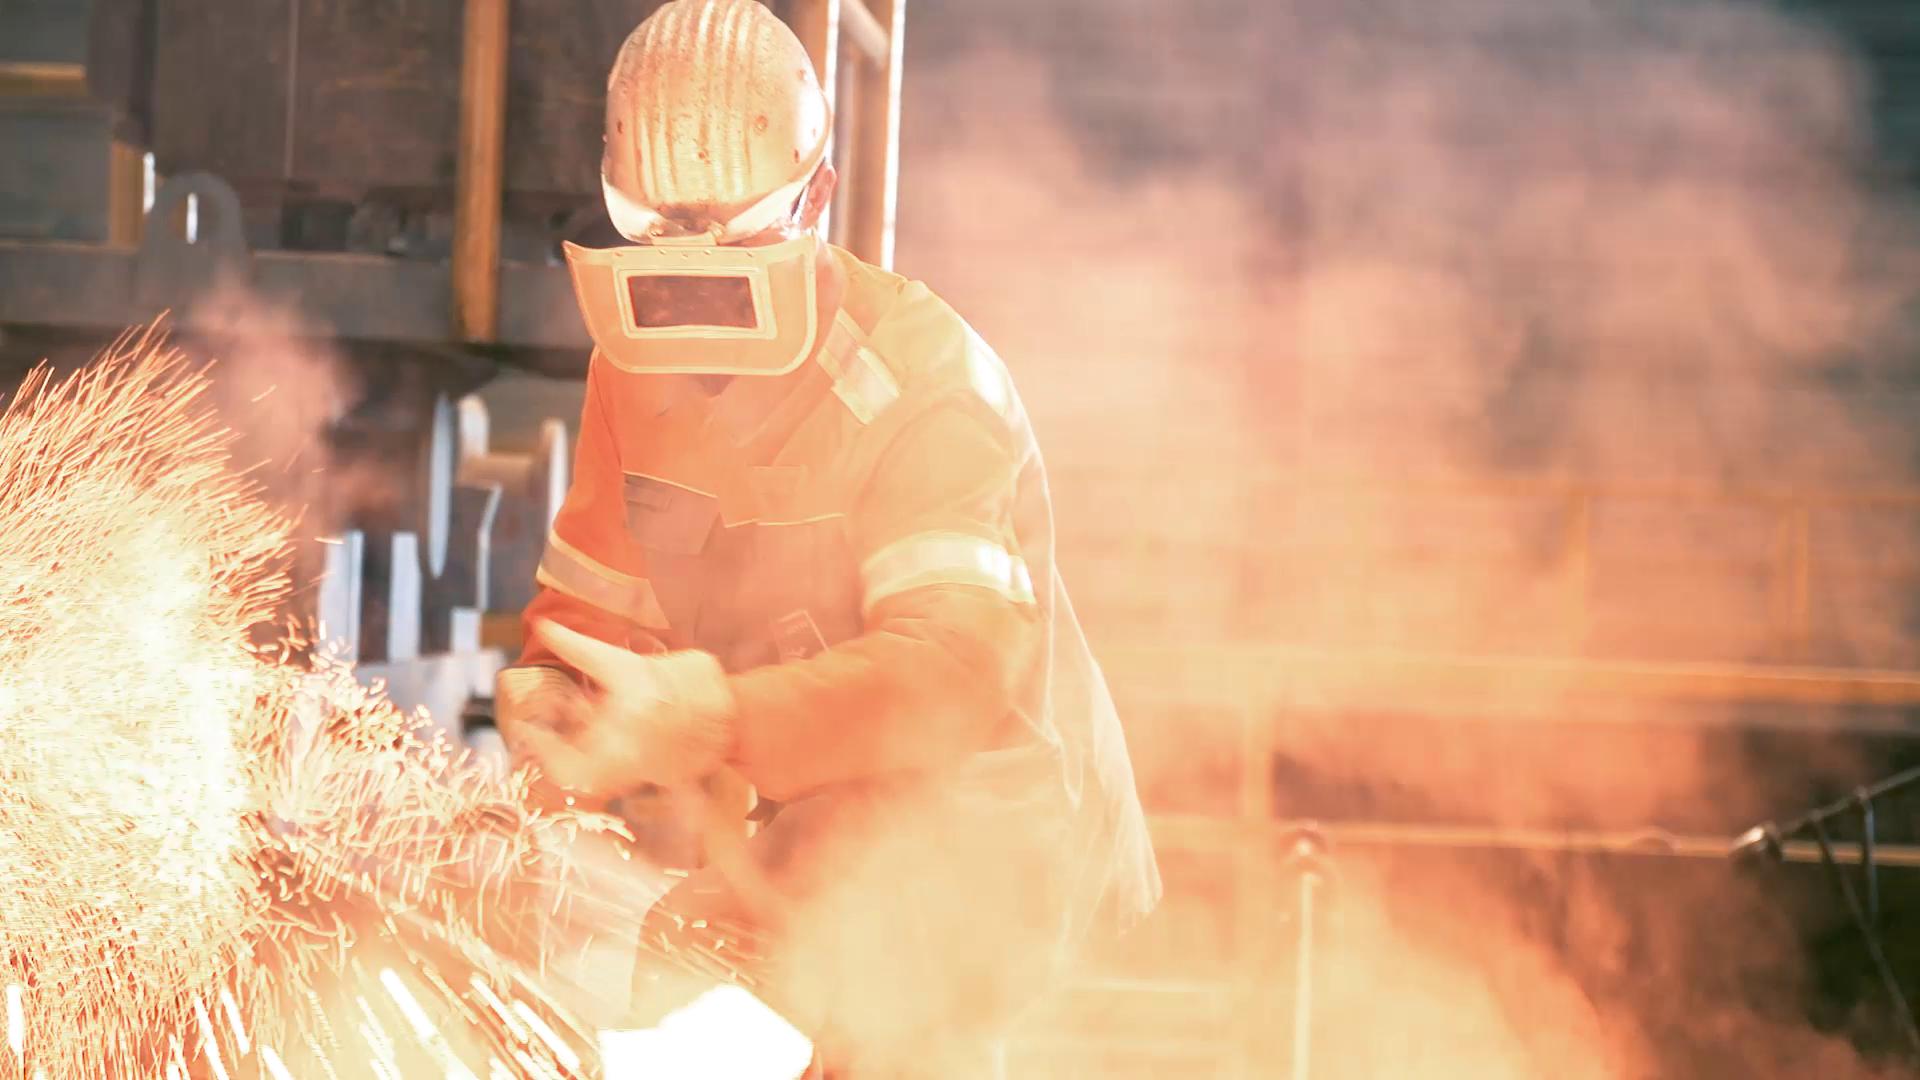 WV Stahl Mitarbeiter in Schutzkleidung beim Schweißen